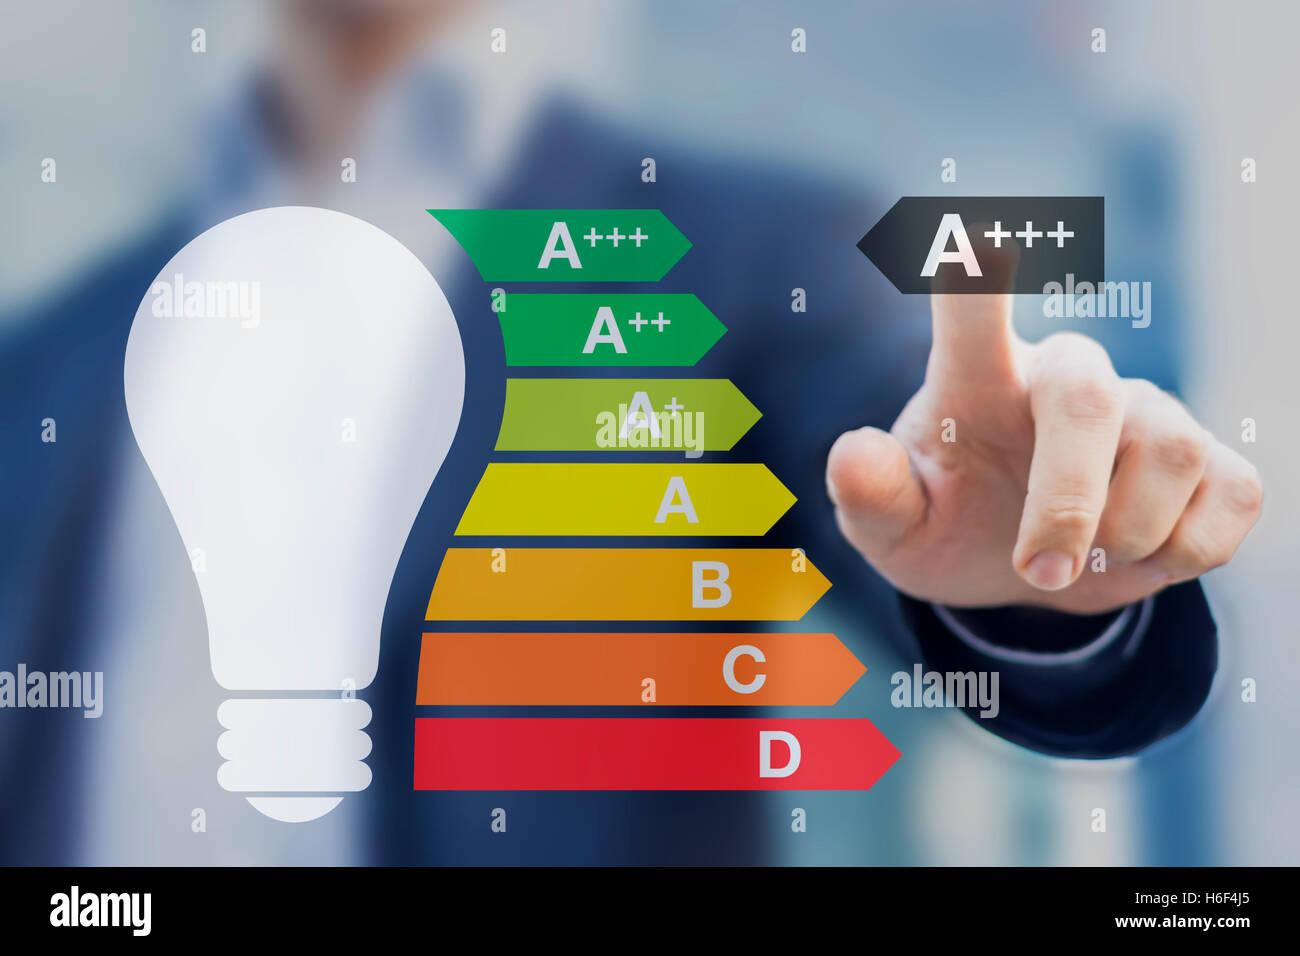 Glühbirne mit der besten Performance-Klasse ein +++ europäische Energie-Effizienz-Label angezeigt Stockbild